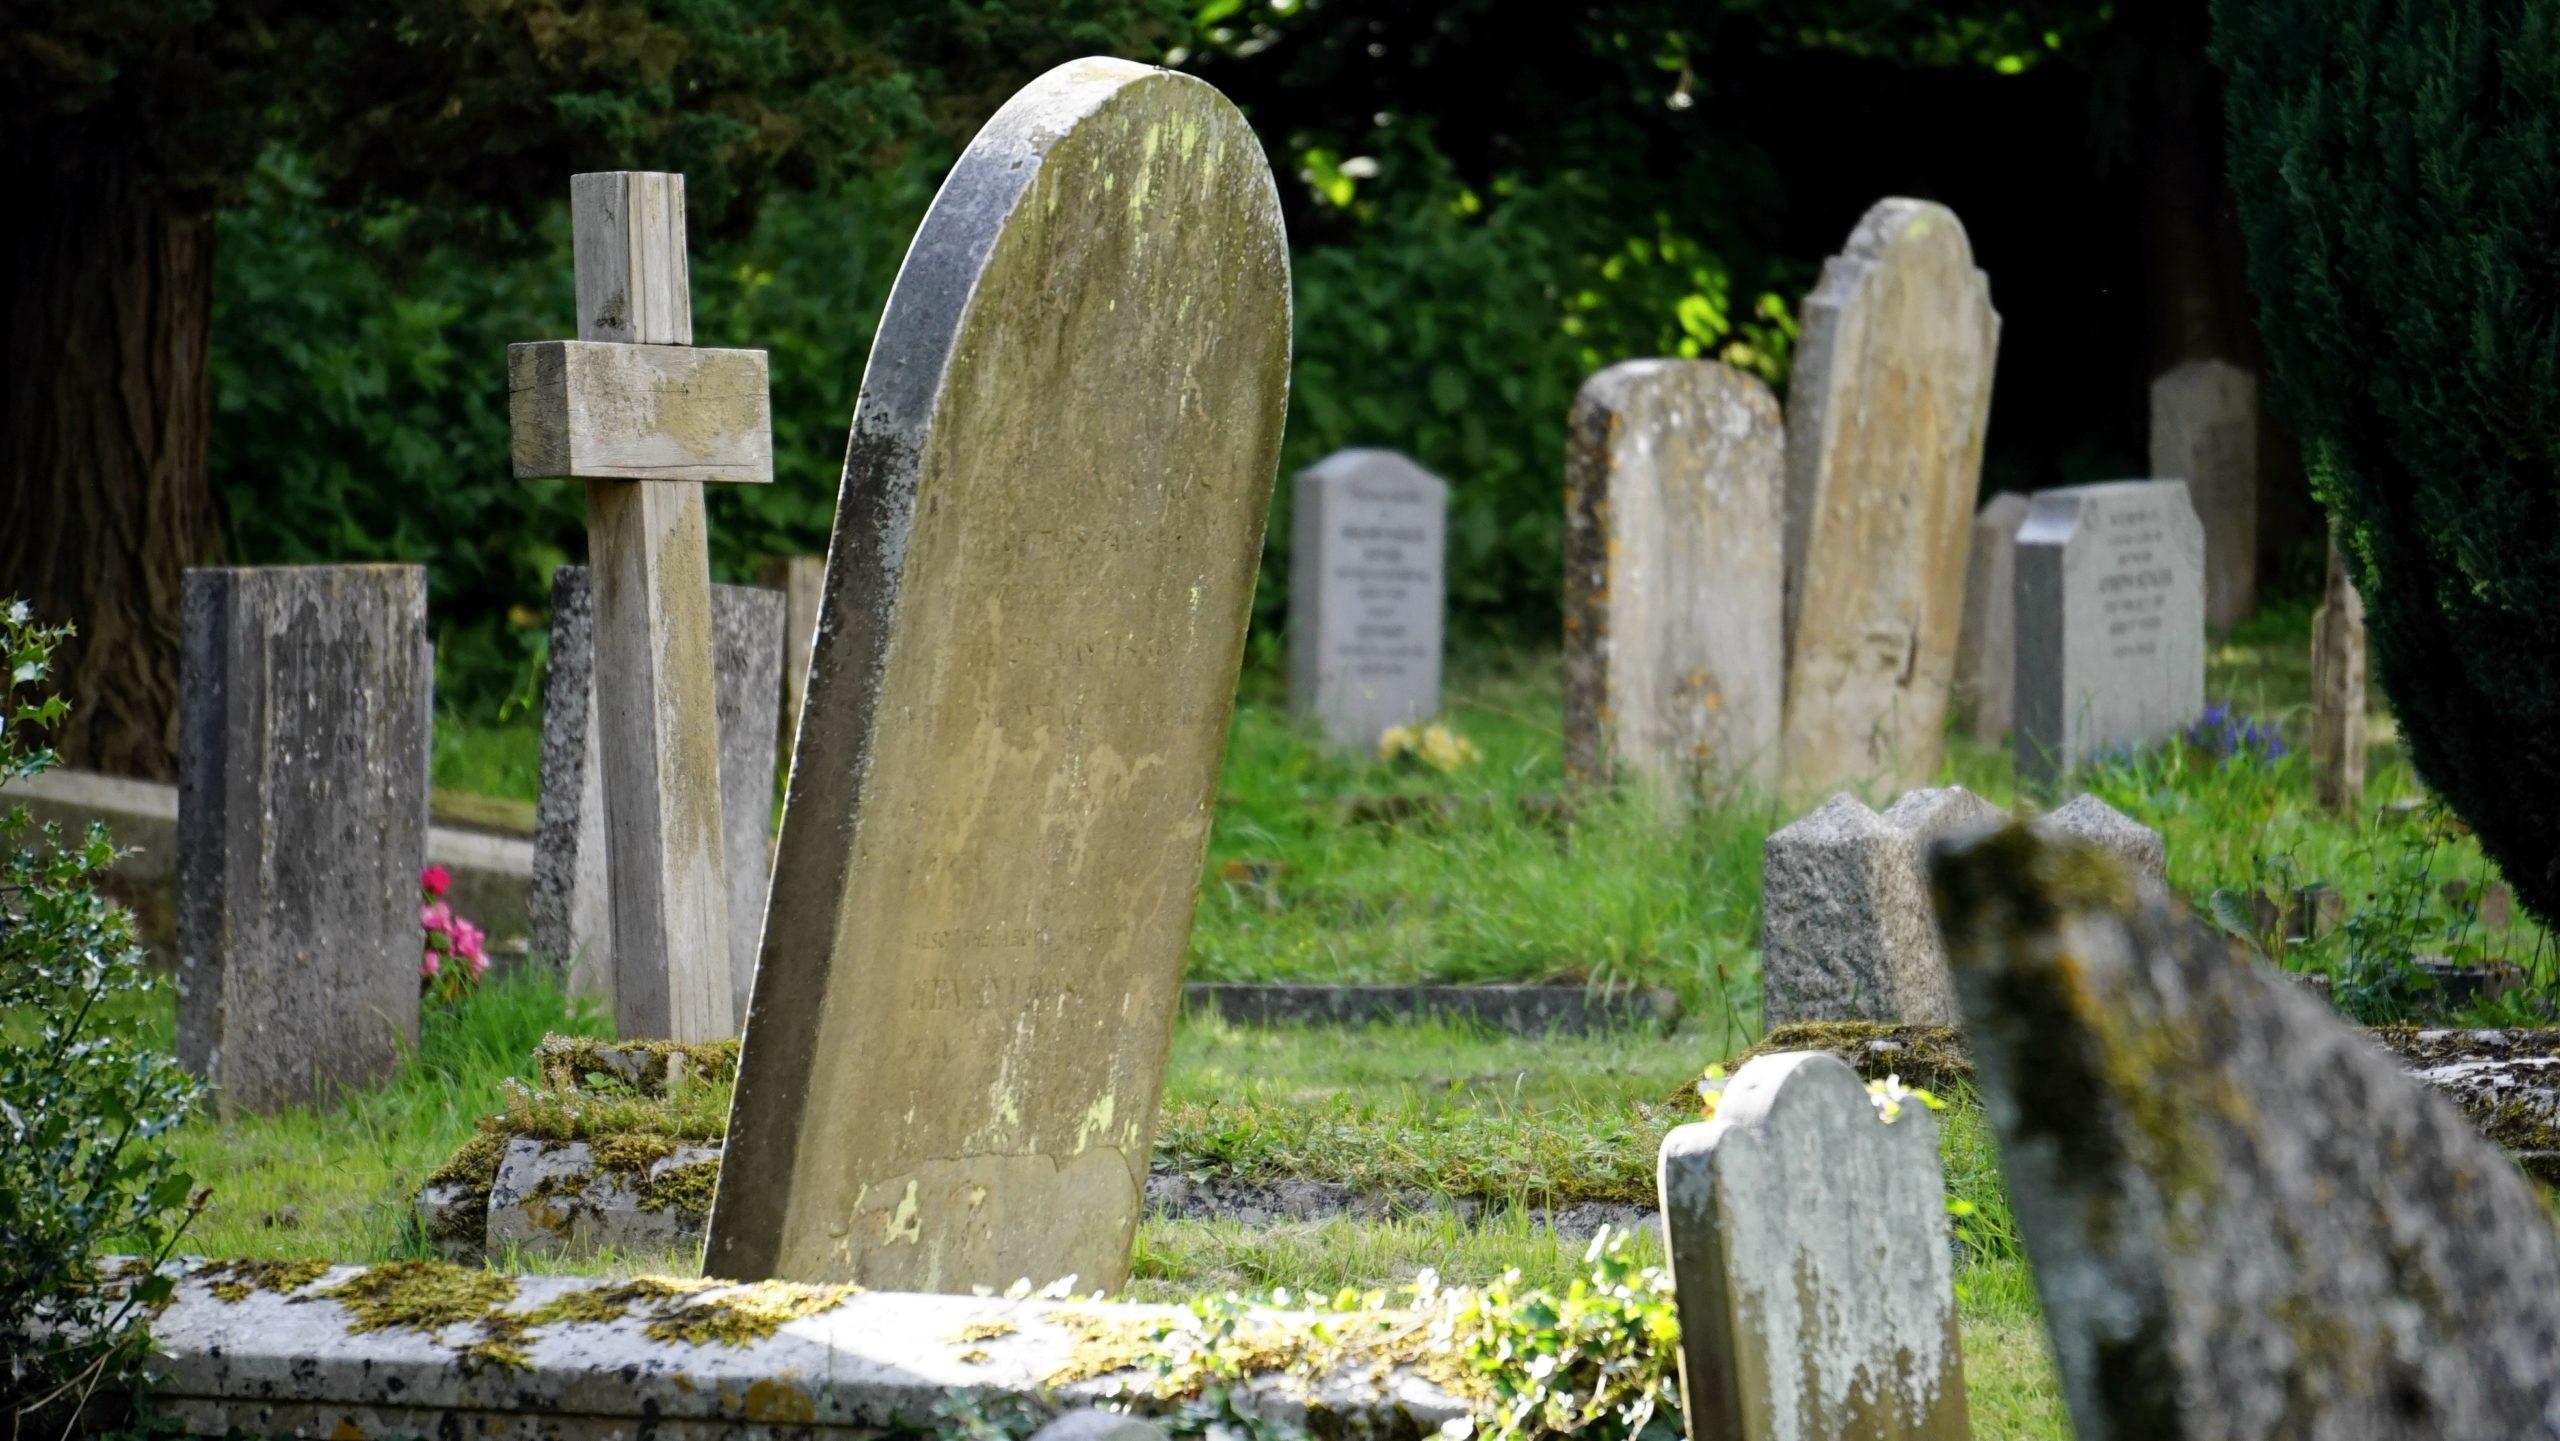 Abbigliamento per defunti su Newslandia - l'immagine mostra alcune tombe in un cimitero